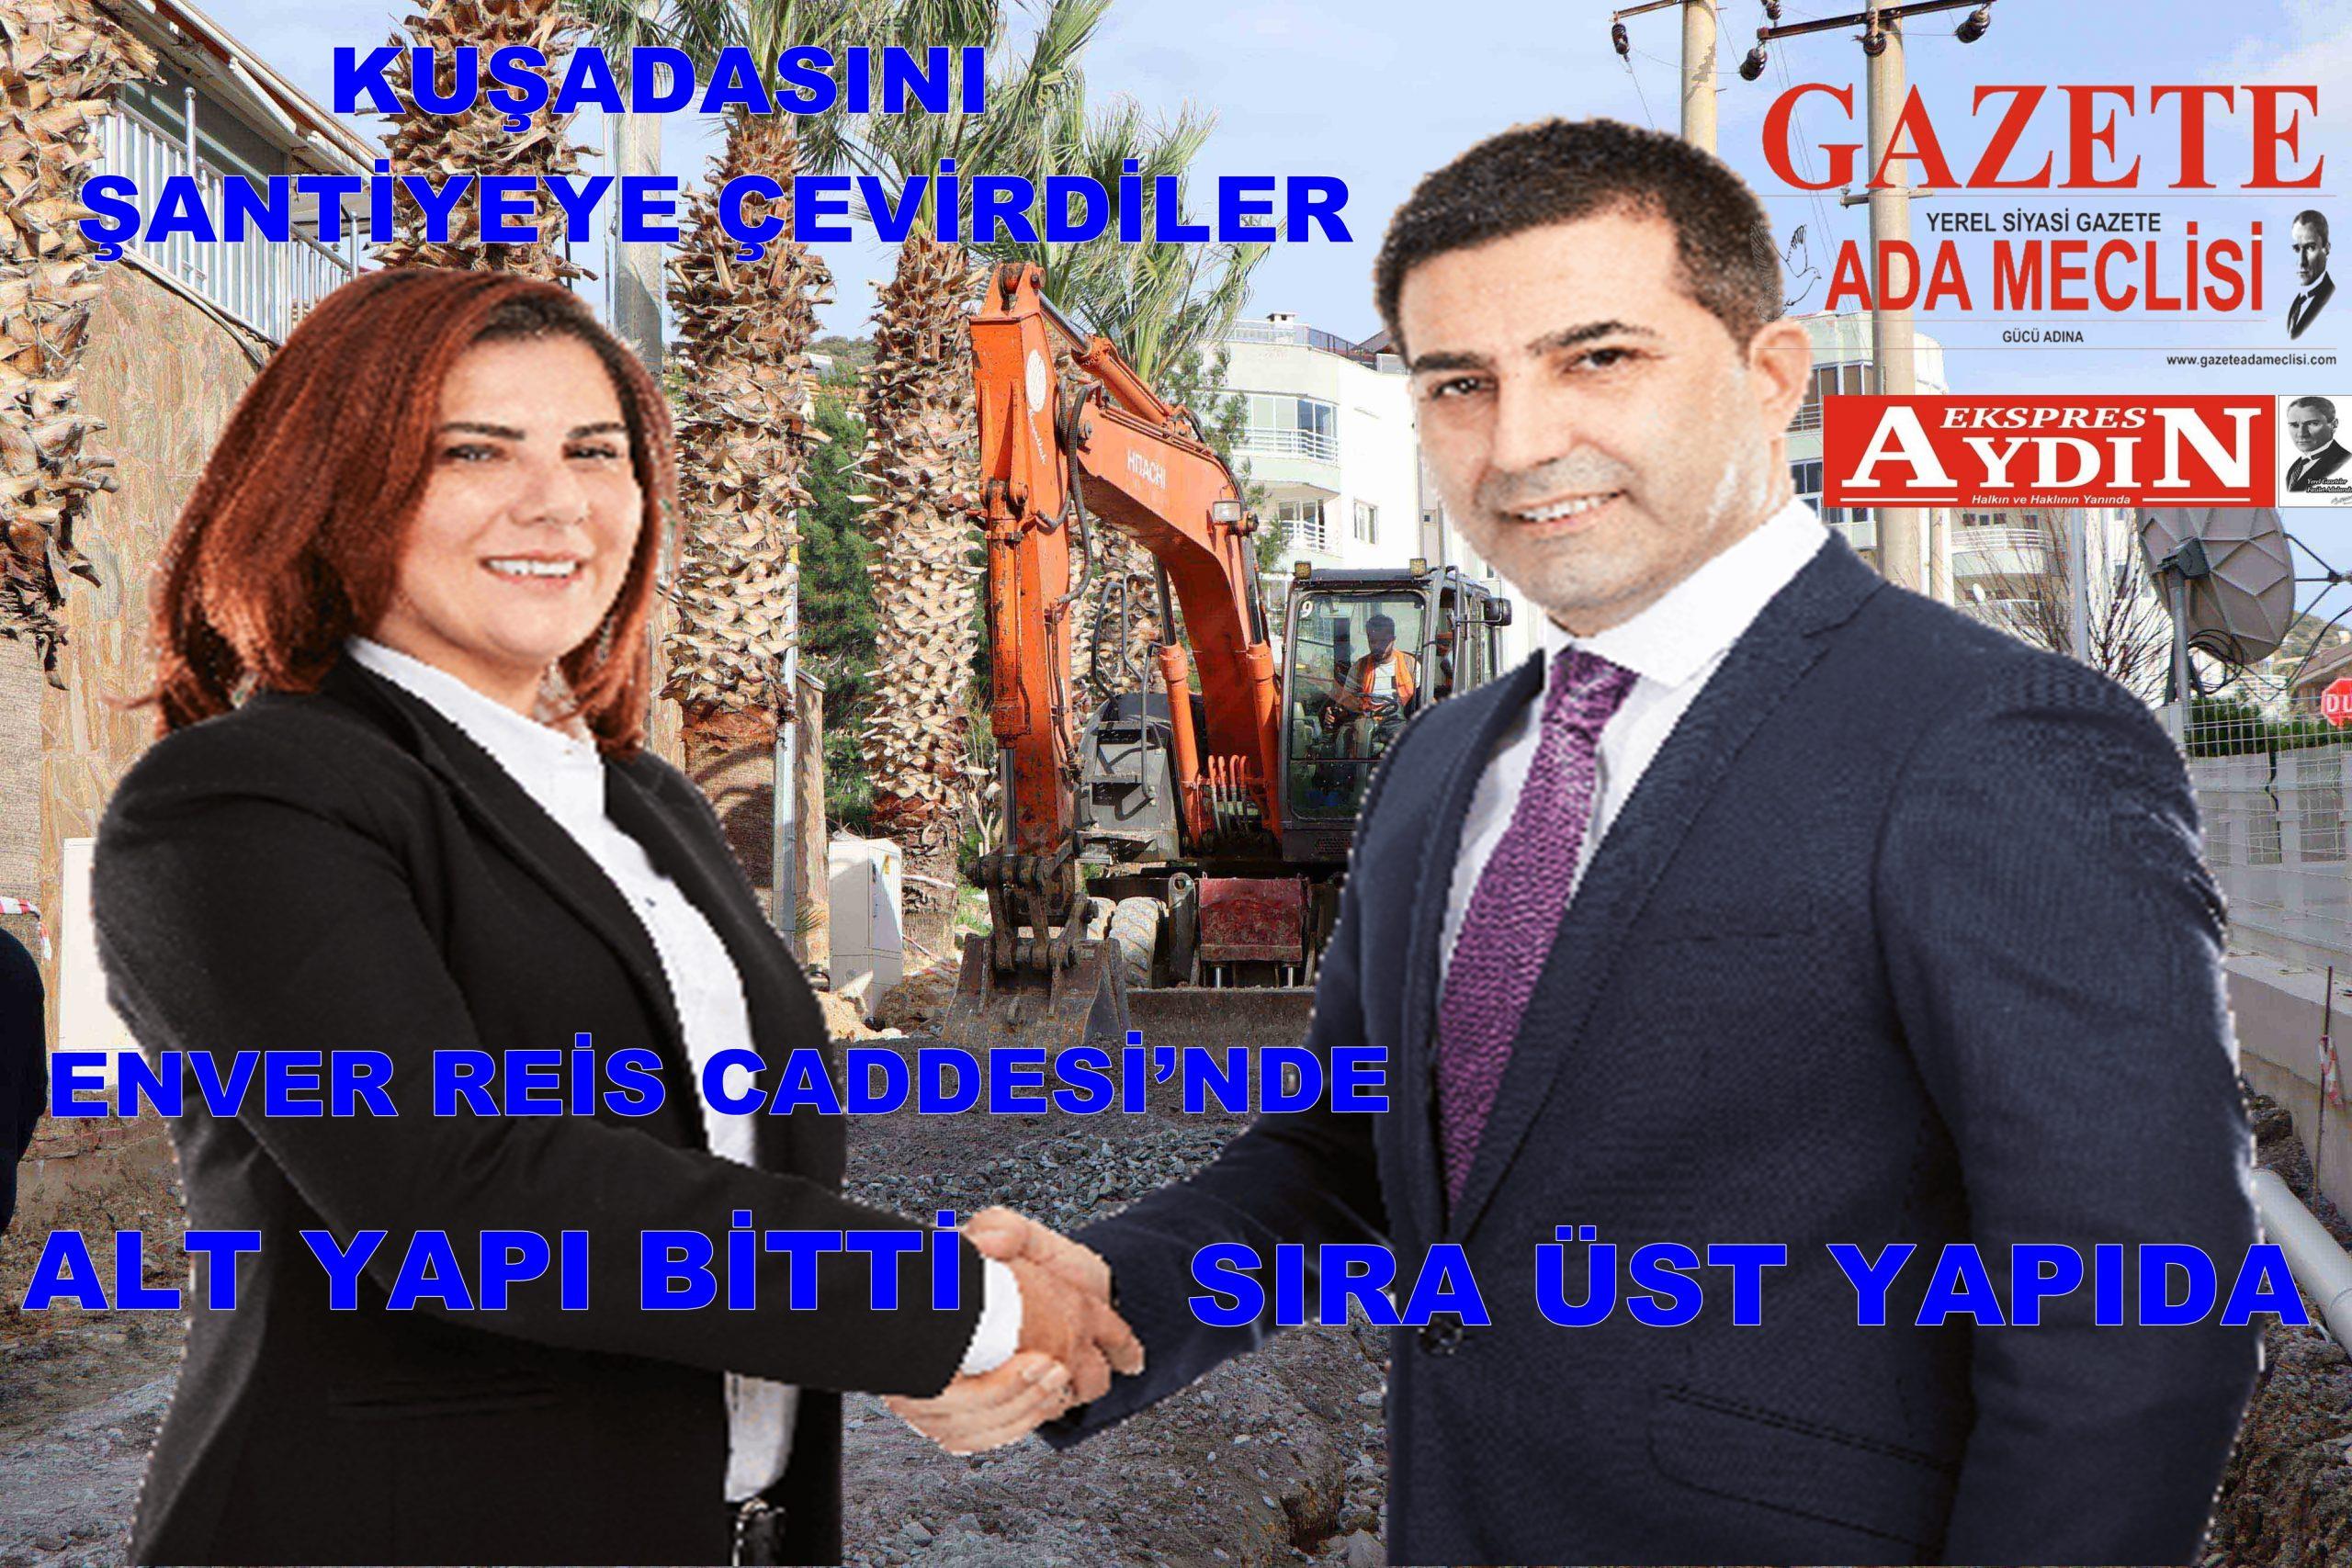 ENVER REİS CADDESİ'NDE SIRA ÜST YAPIDA